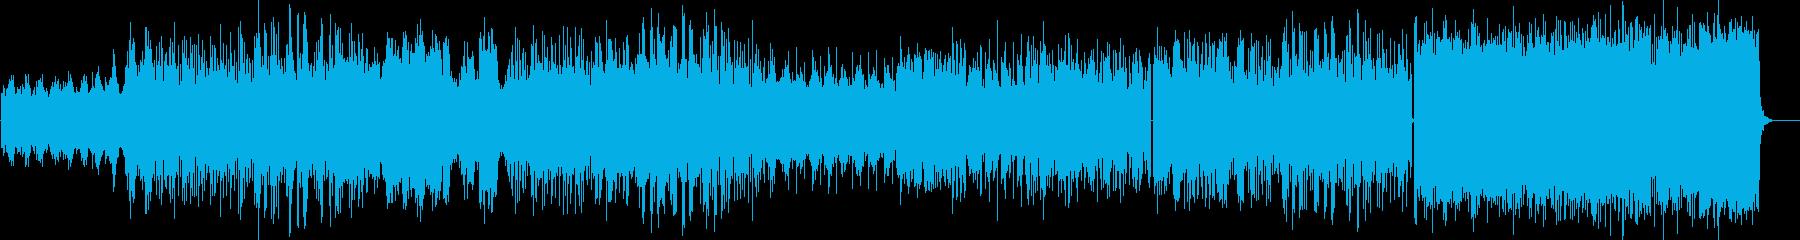 おしゃれな3拍子のフューチャーベースの再生済みの波形